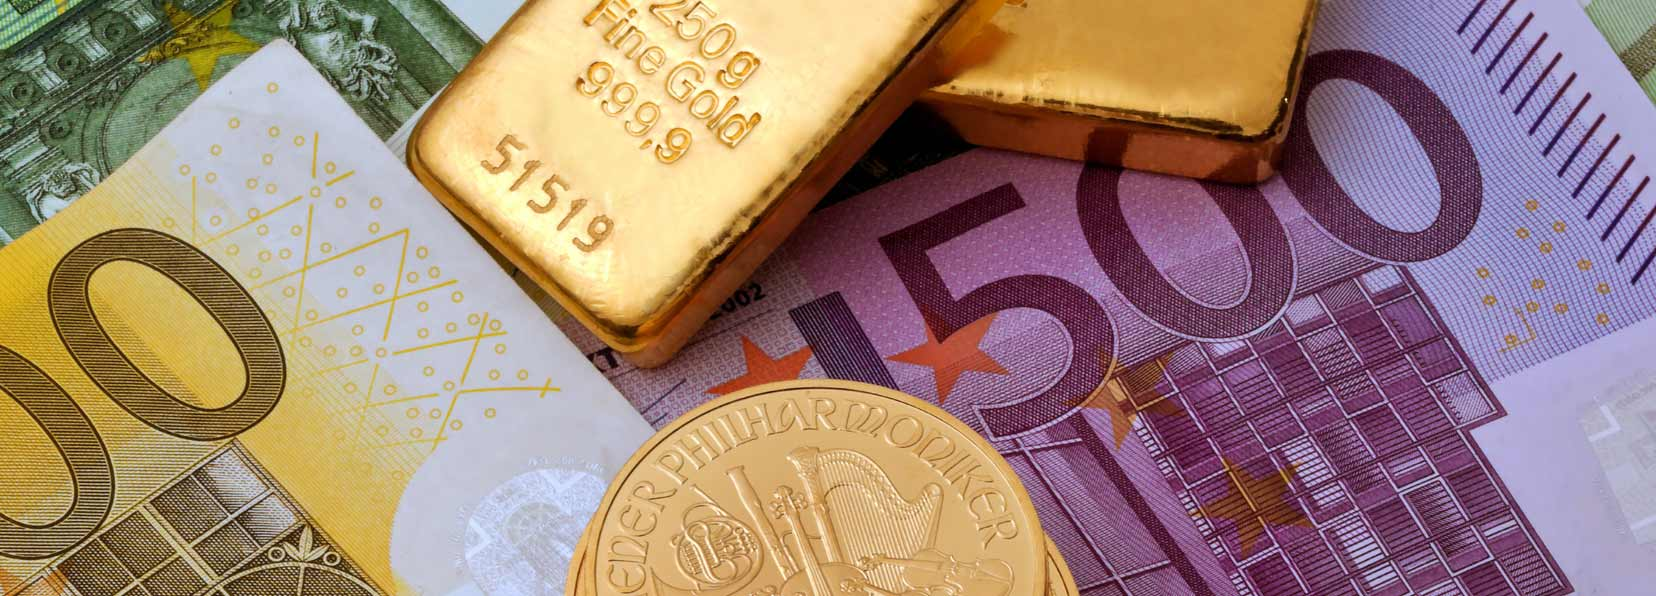 Goldmünzen, Goldbarren und Geldscheine